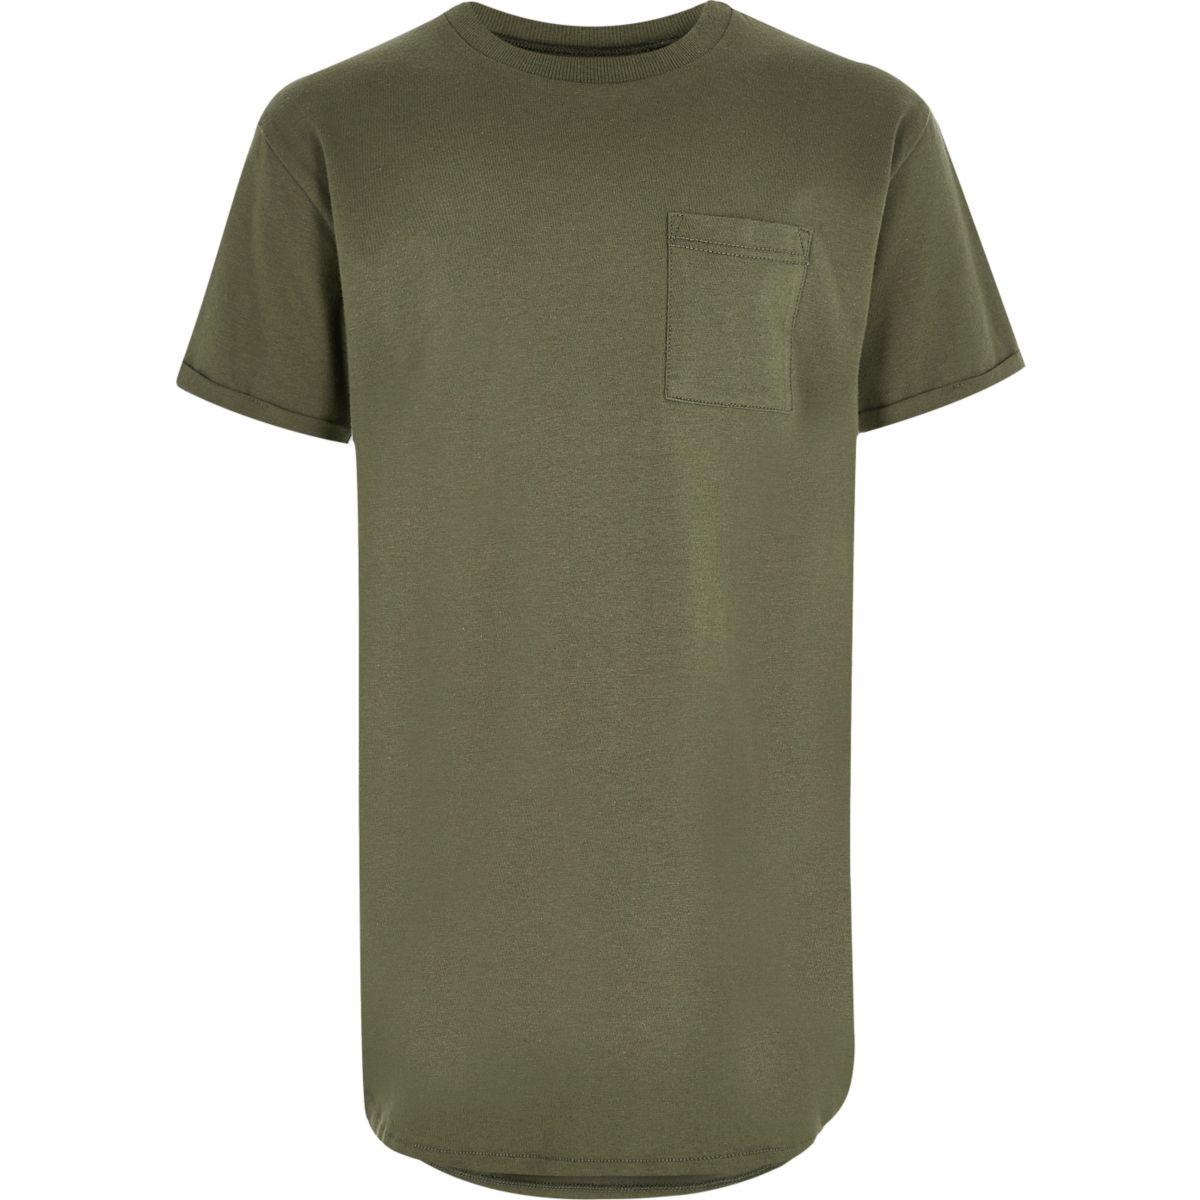 Boys khaki green curved hem t-shirt